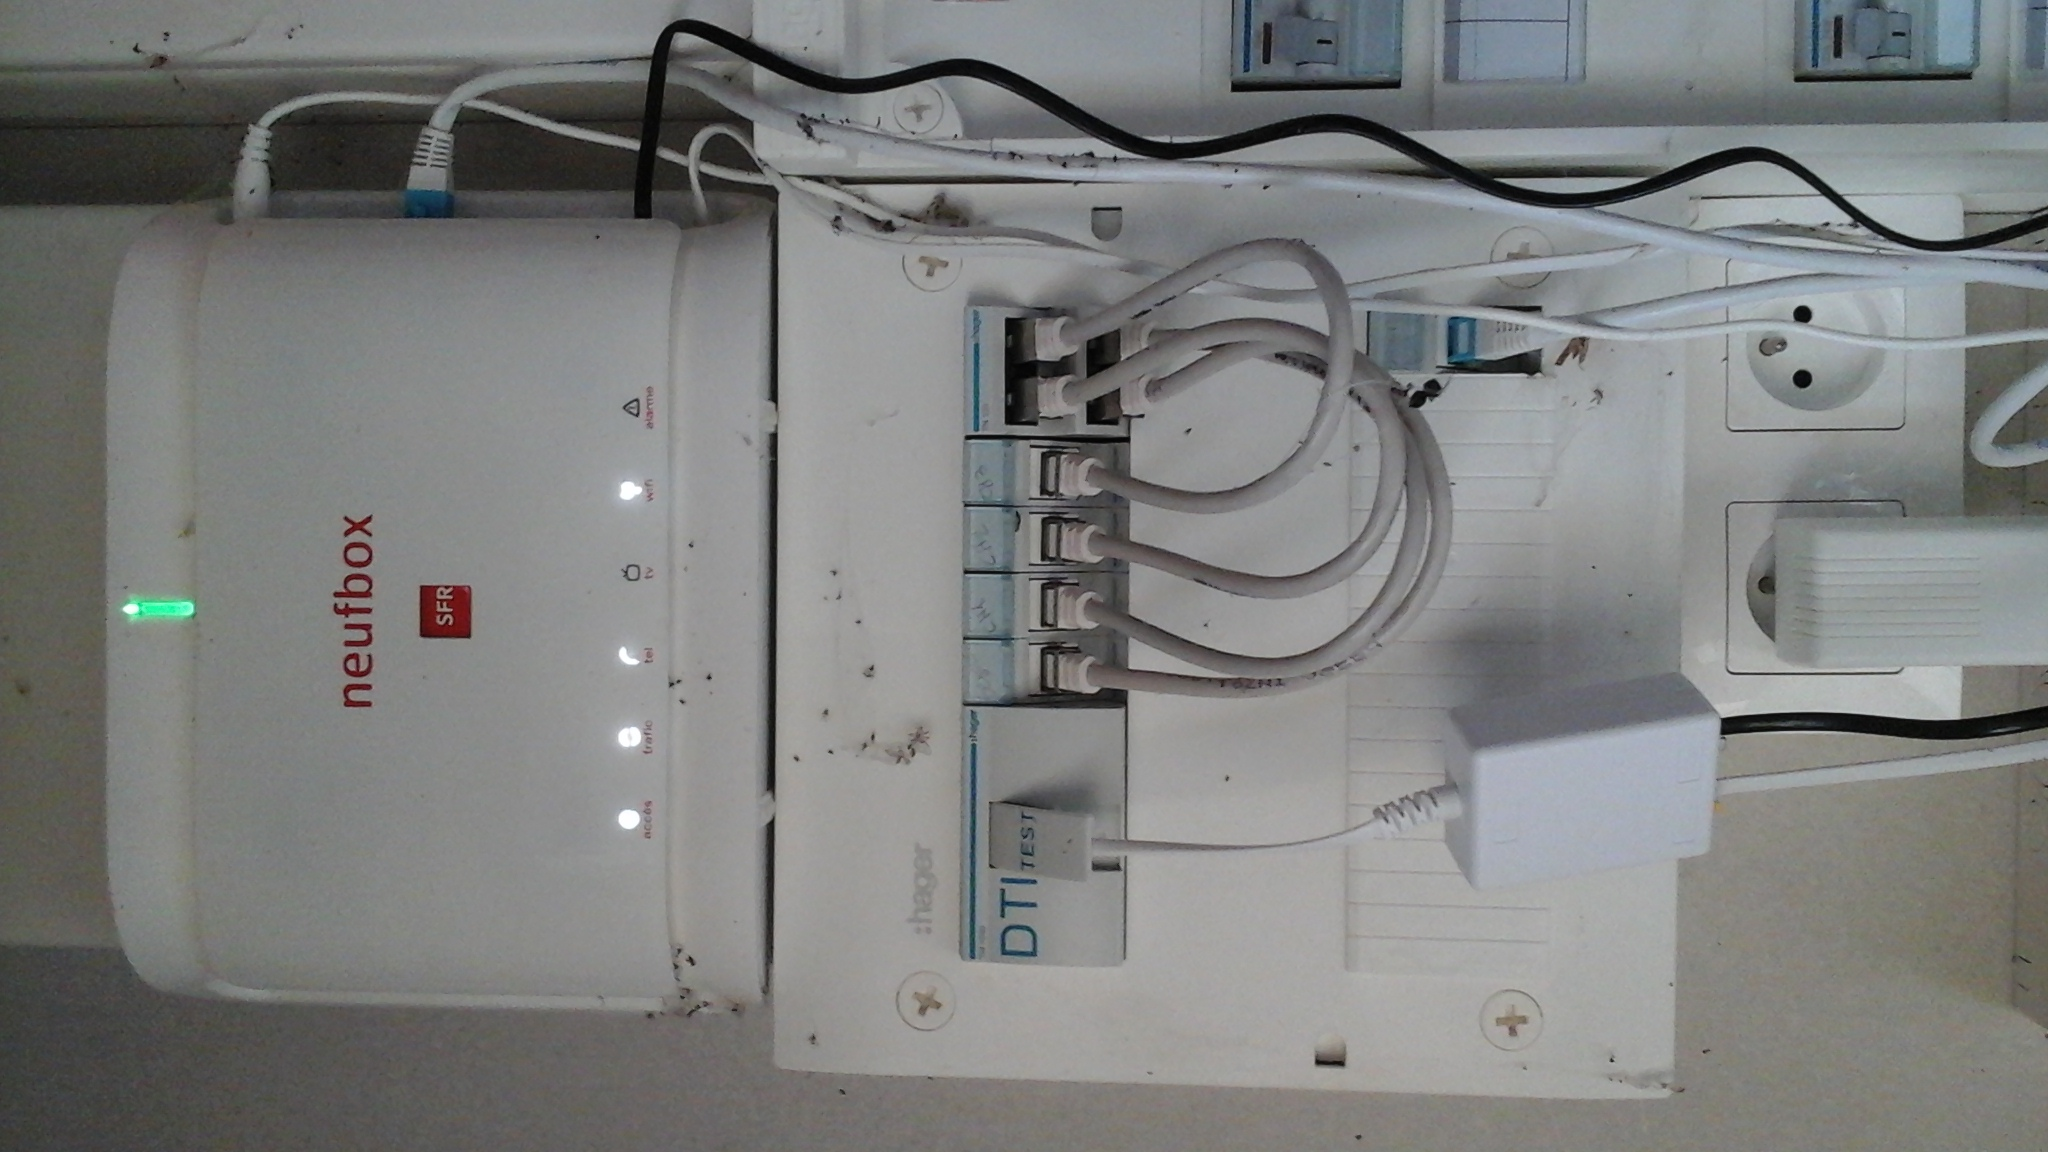 R solu comment installer ma box en rj45 nouvelle constru le forum sfr 75418 - Raccordement telephone maison neuve ...